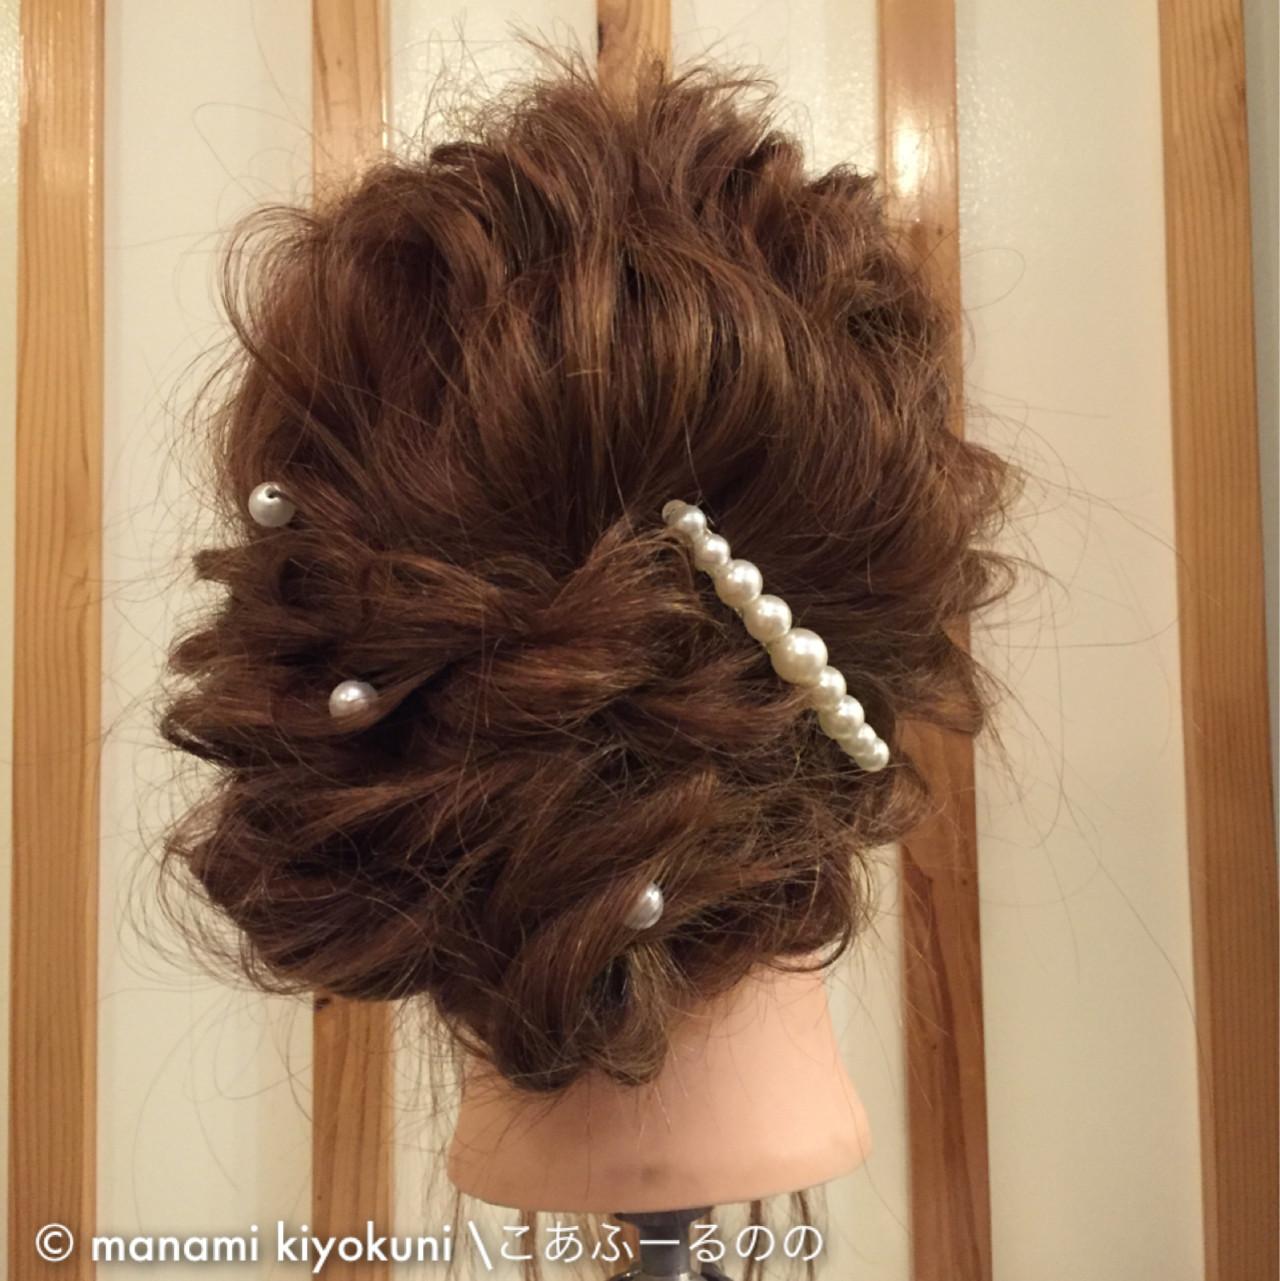 ロング ヘアアレンジ アップスタイル 大人かわいい ヘアスタイルや髪型の写真・画像   manami iwamoto \こあふーるのの / こあふーるのの